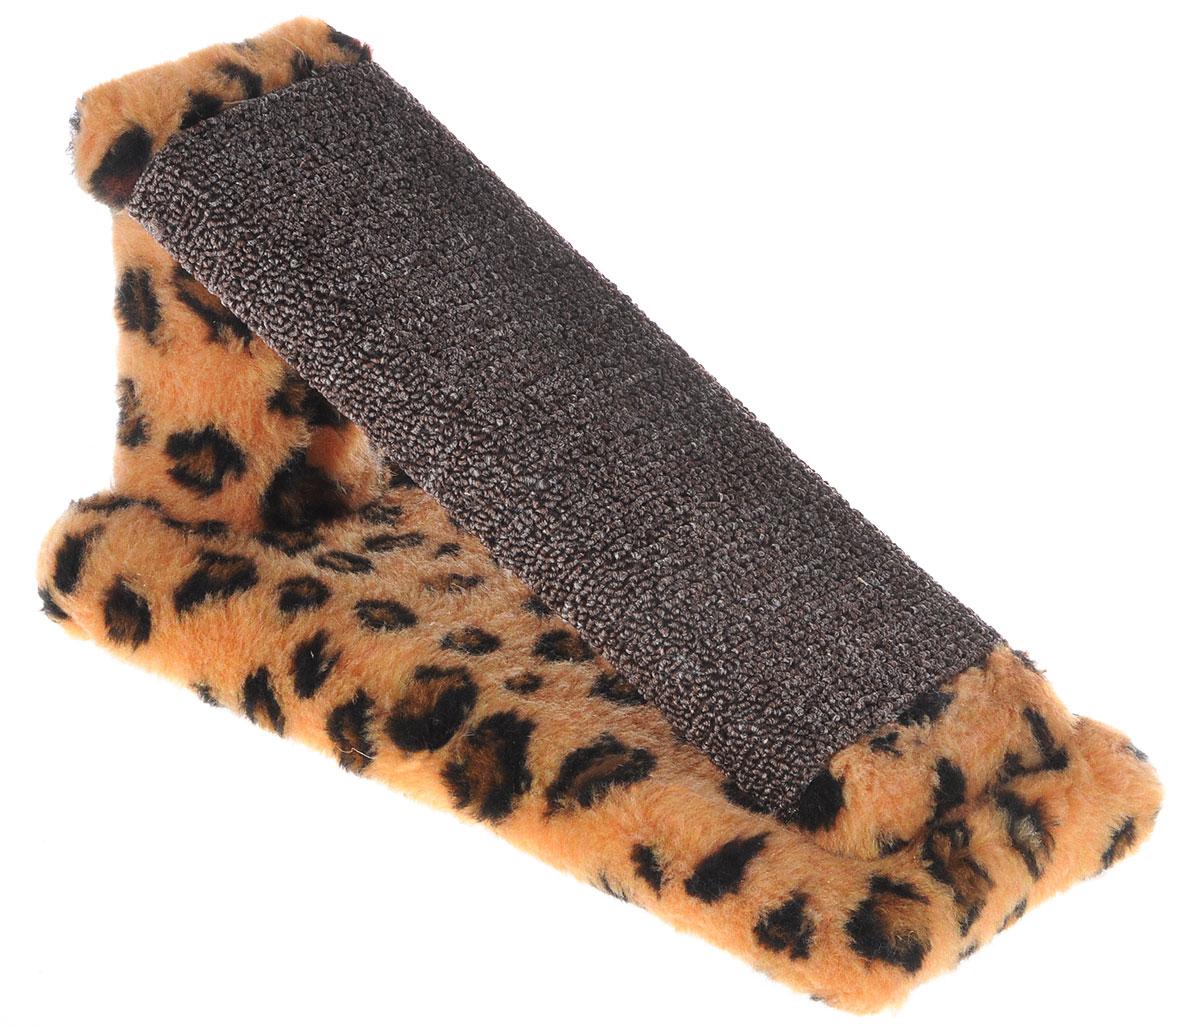 Когтеточка для котят Меридиан Горка, цвет: коричневый, темно-коричневый, черный, 29 х 14 х 14 смК704ЛеКогтеточка Меридиан Горка предназначена для стачивания когтей вашего котенка и предотвращения их врастания. Она выполнена из ДВП, ДСП и искусственного меха. Точатся когти о накладку из ковролина. Когтеточка позволяет сохранить неповрежденными мебель и другие предметы интерьера.